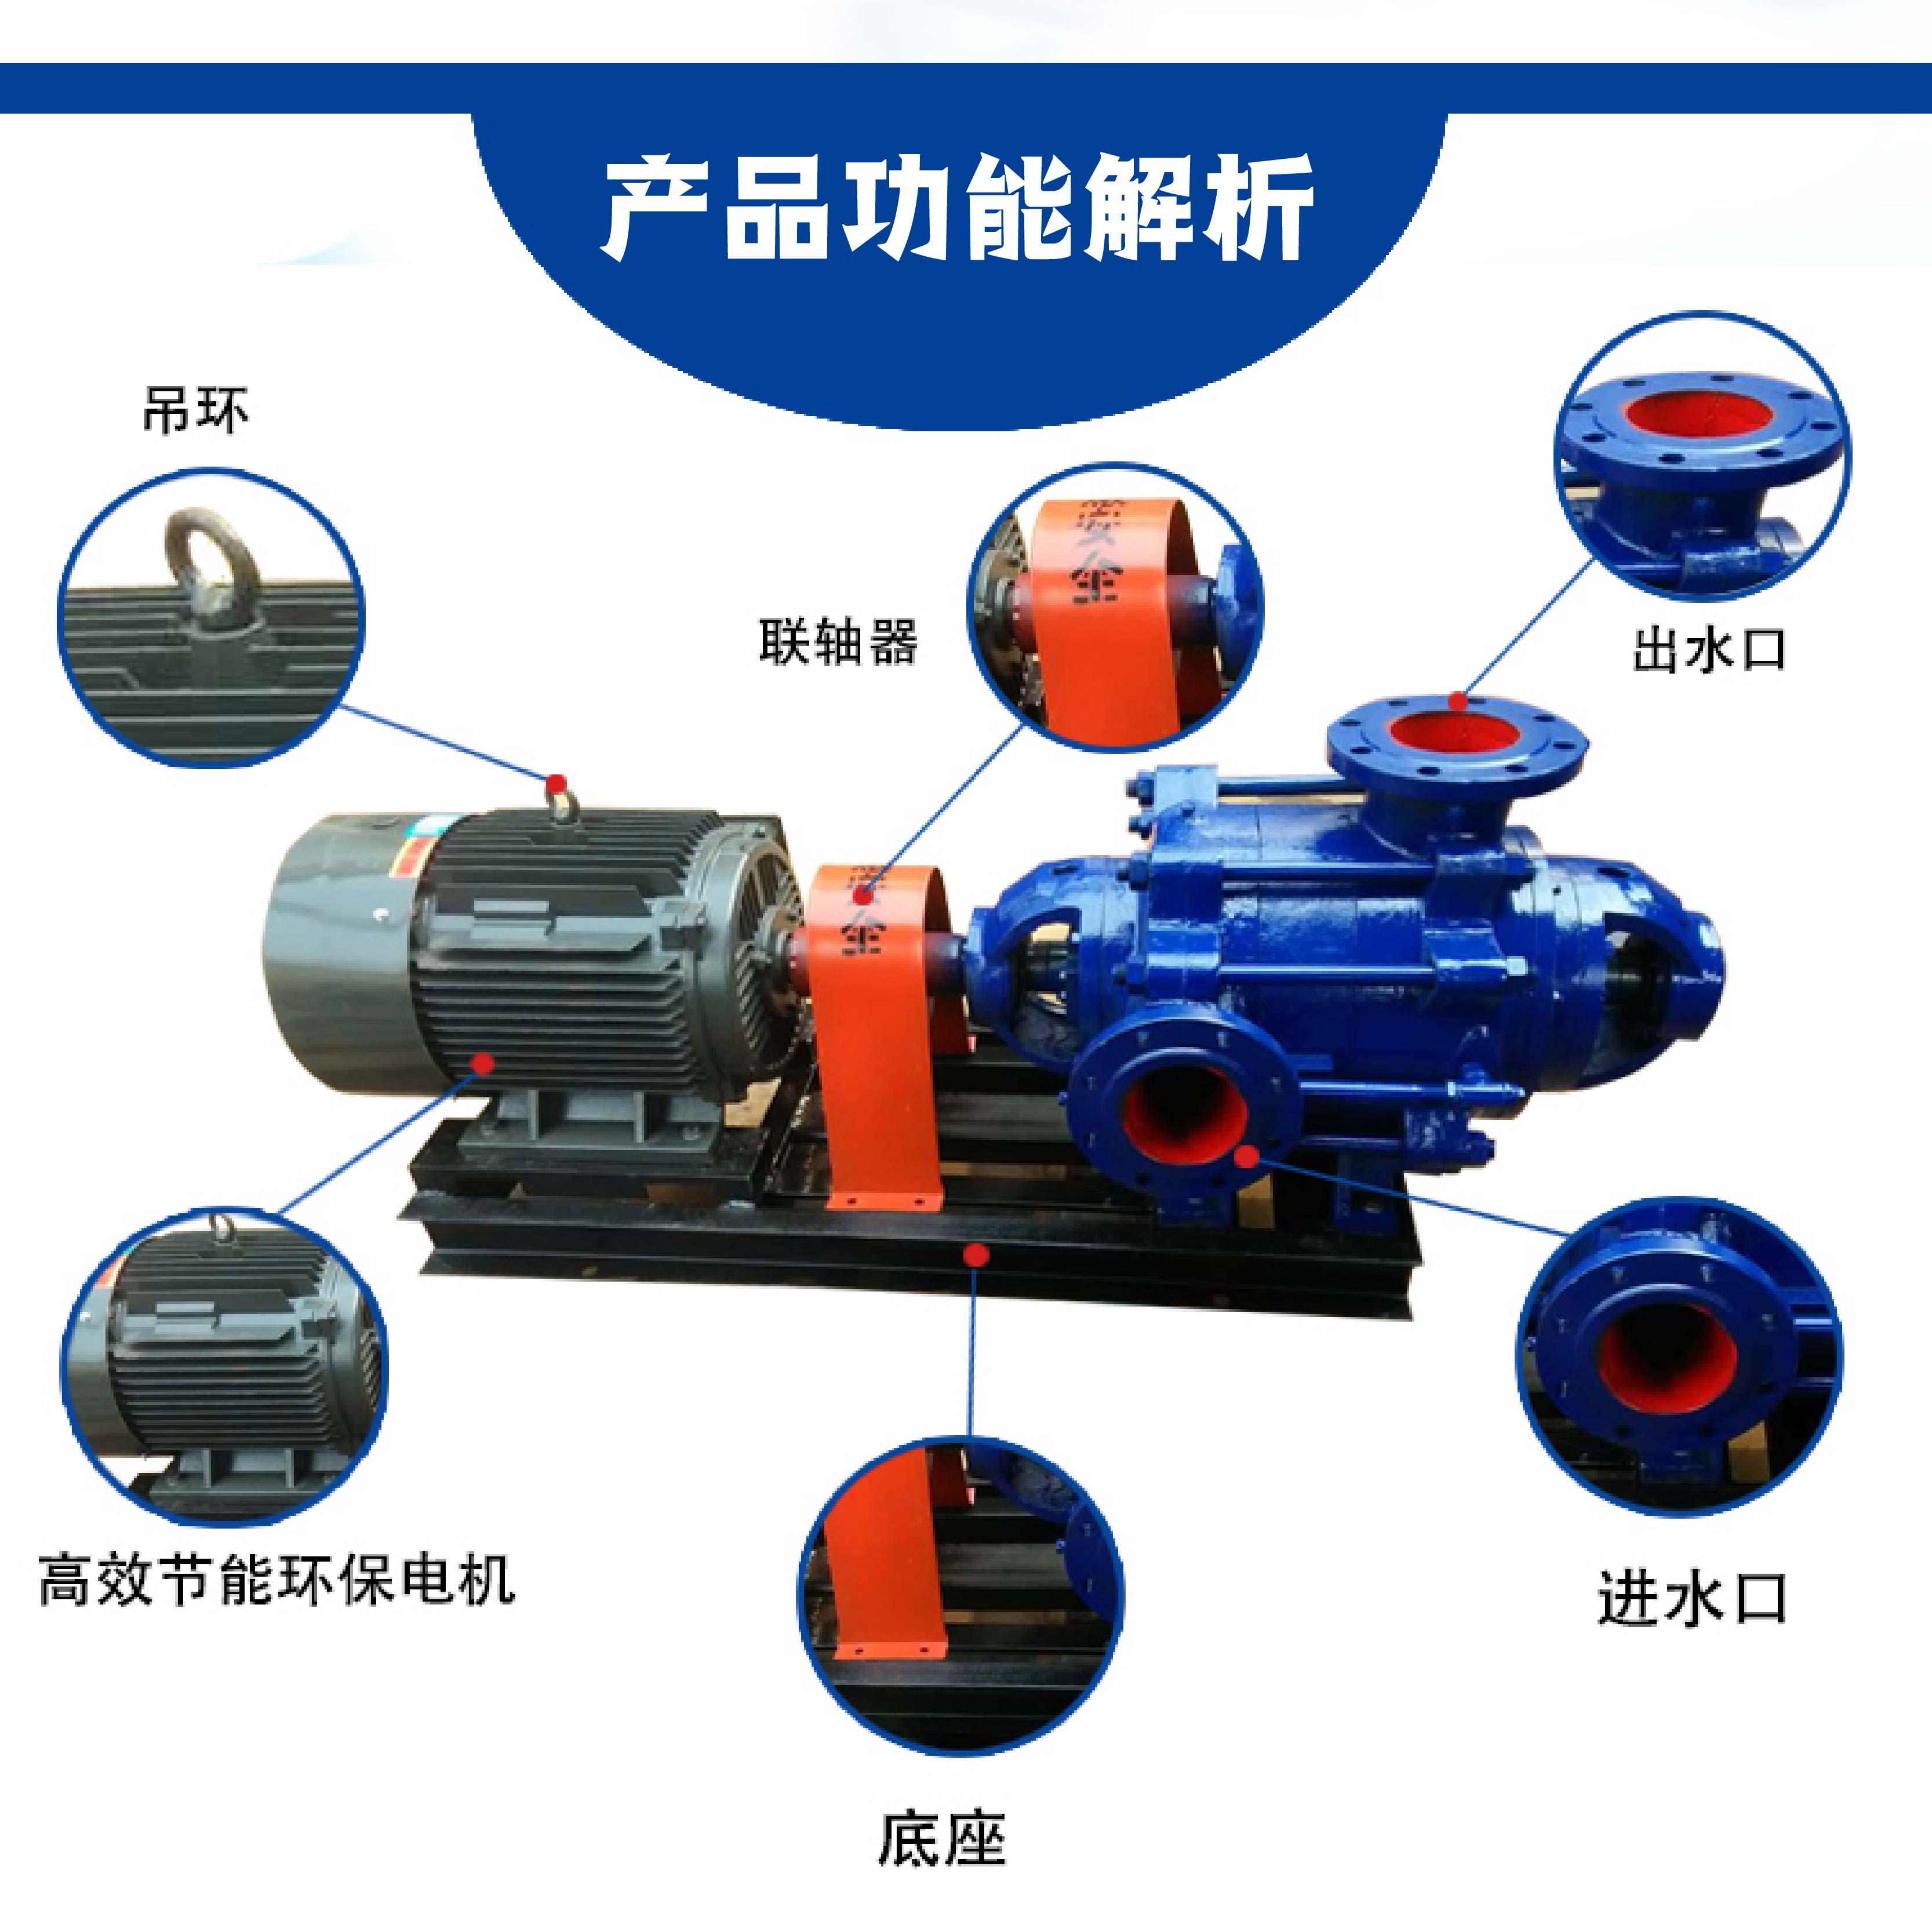 环宇Y/Y2/YE3系列三相异步电机,振动电机,直流电机,电动打药机